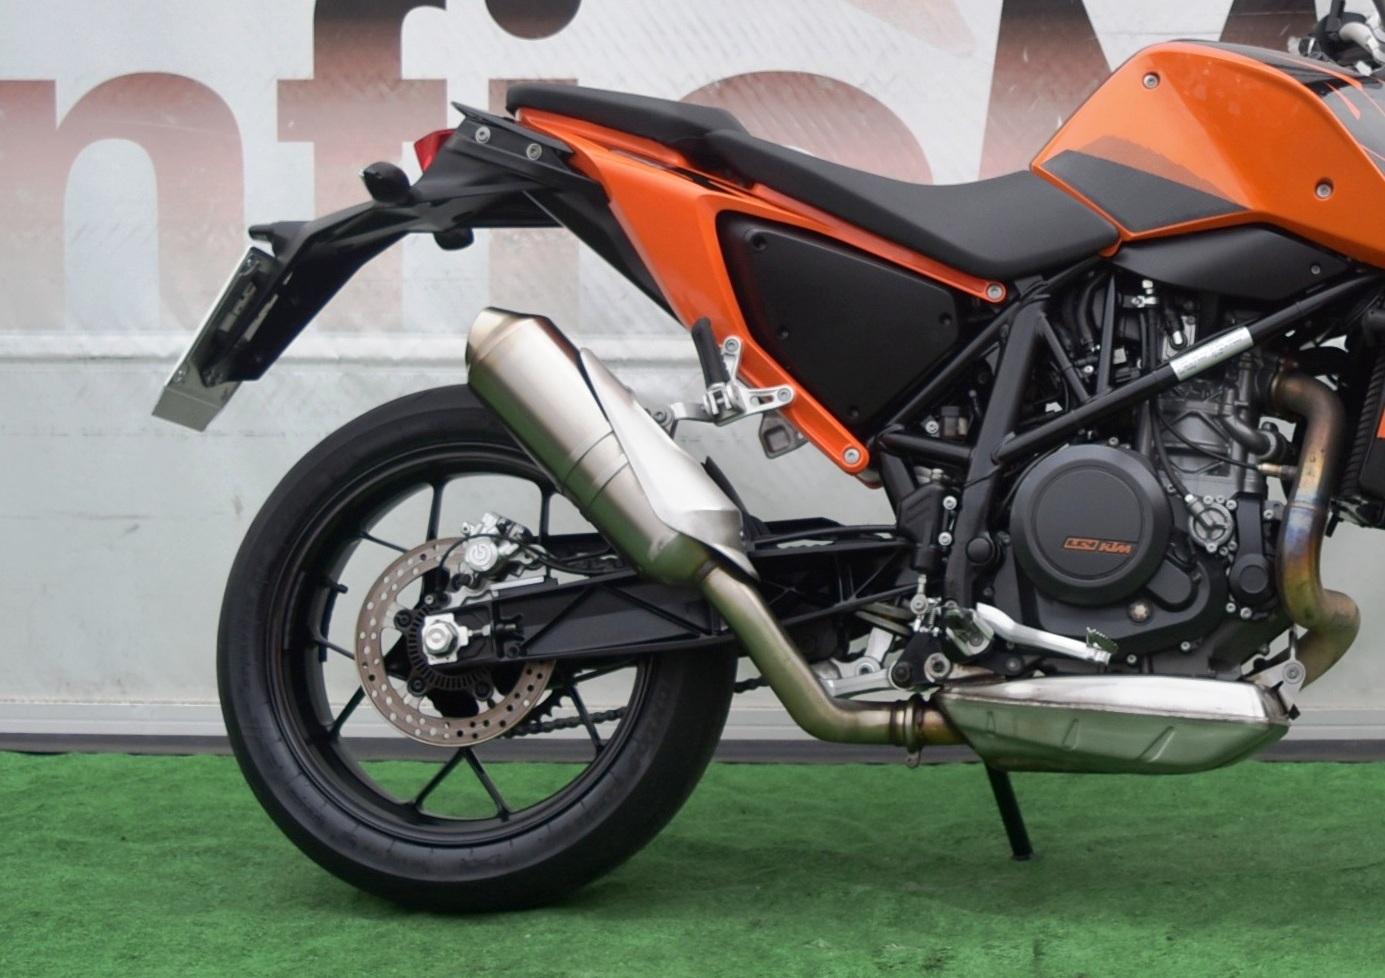 KTM 690 DUKE ABS – 2016